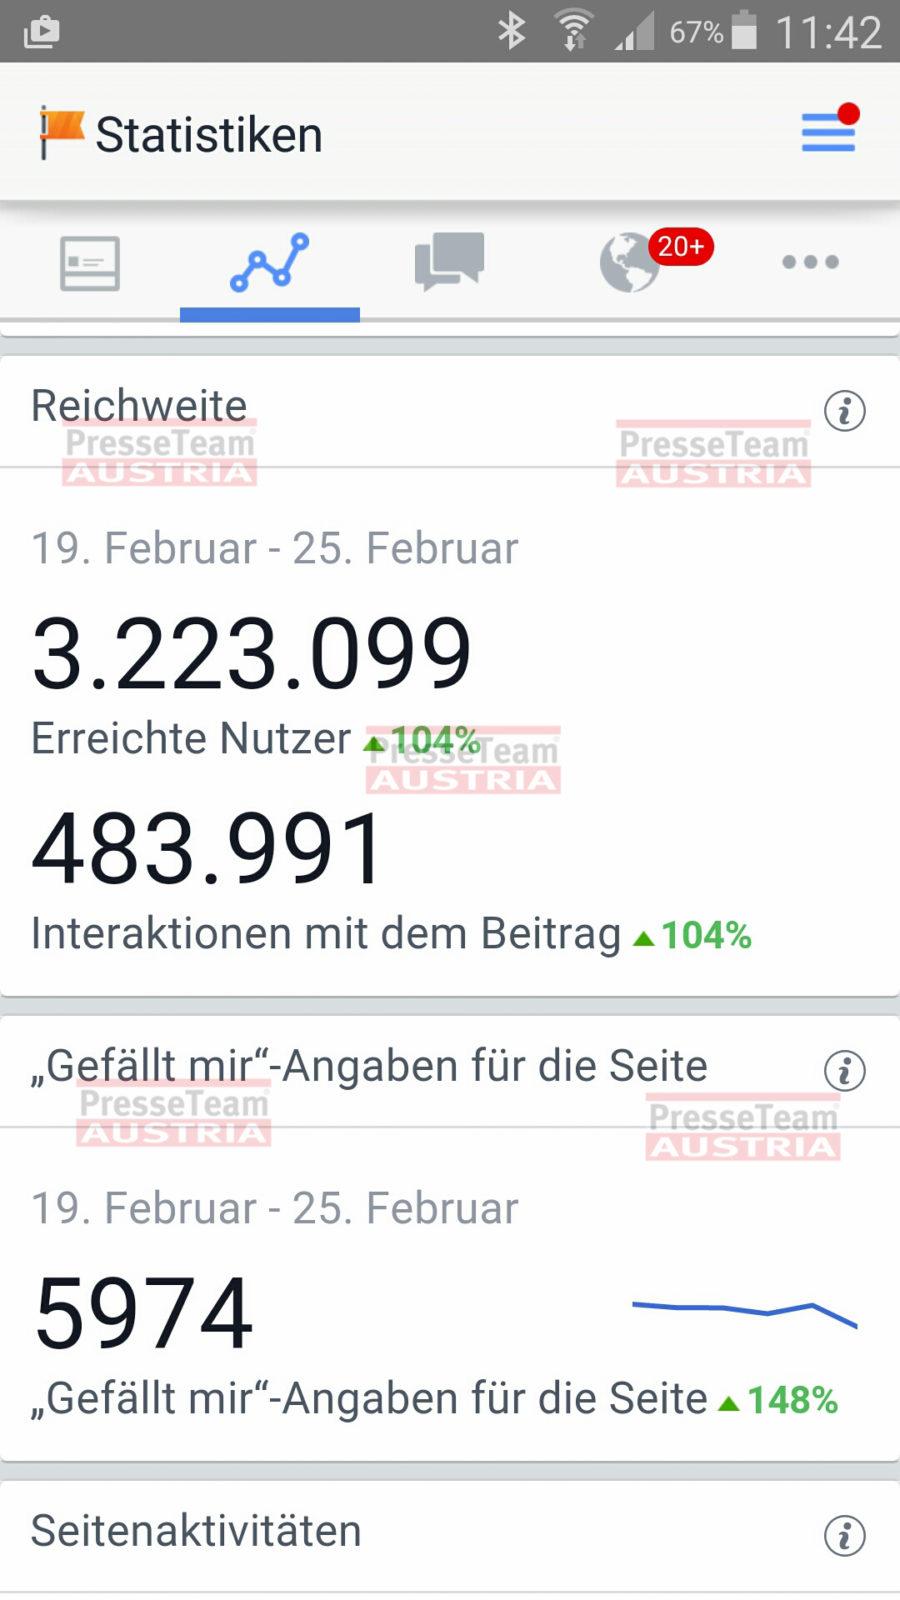 Facebook Marketing Schulung 4 - 10.730.101 Reichweite mit Facebook-Marketing: Der sichere Weg zu Ihrer Zielgruppe!